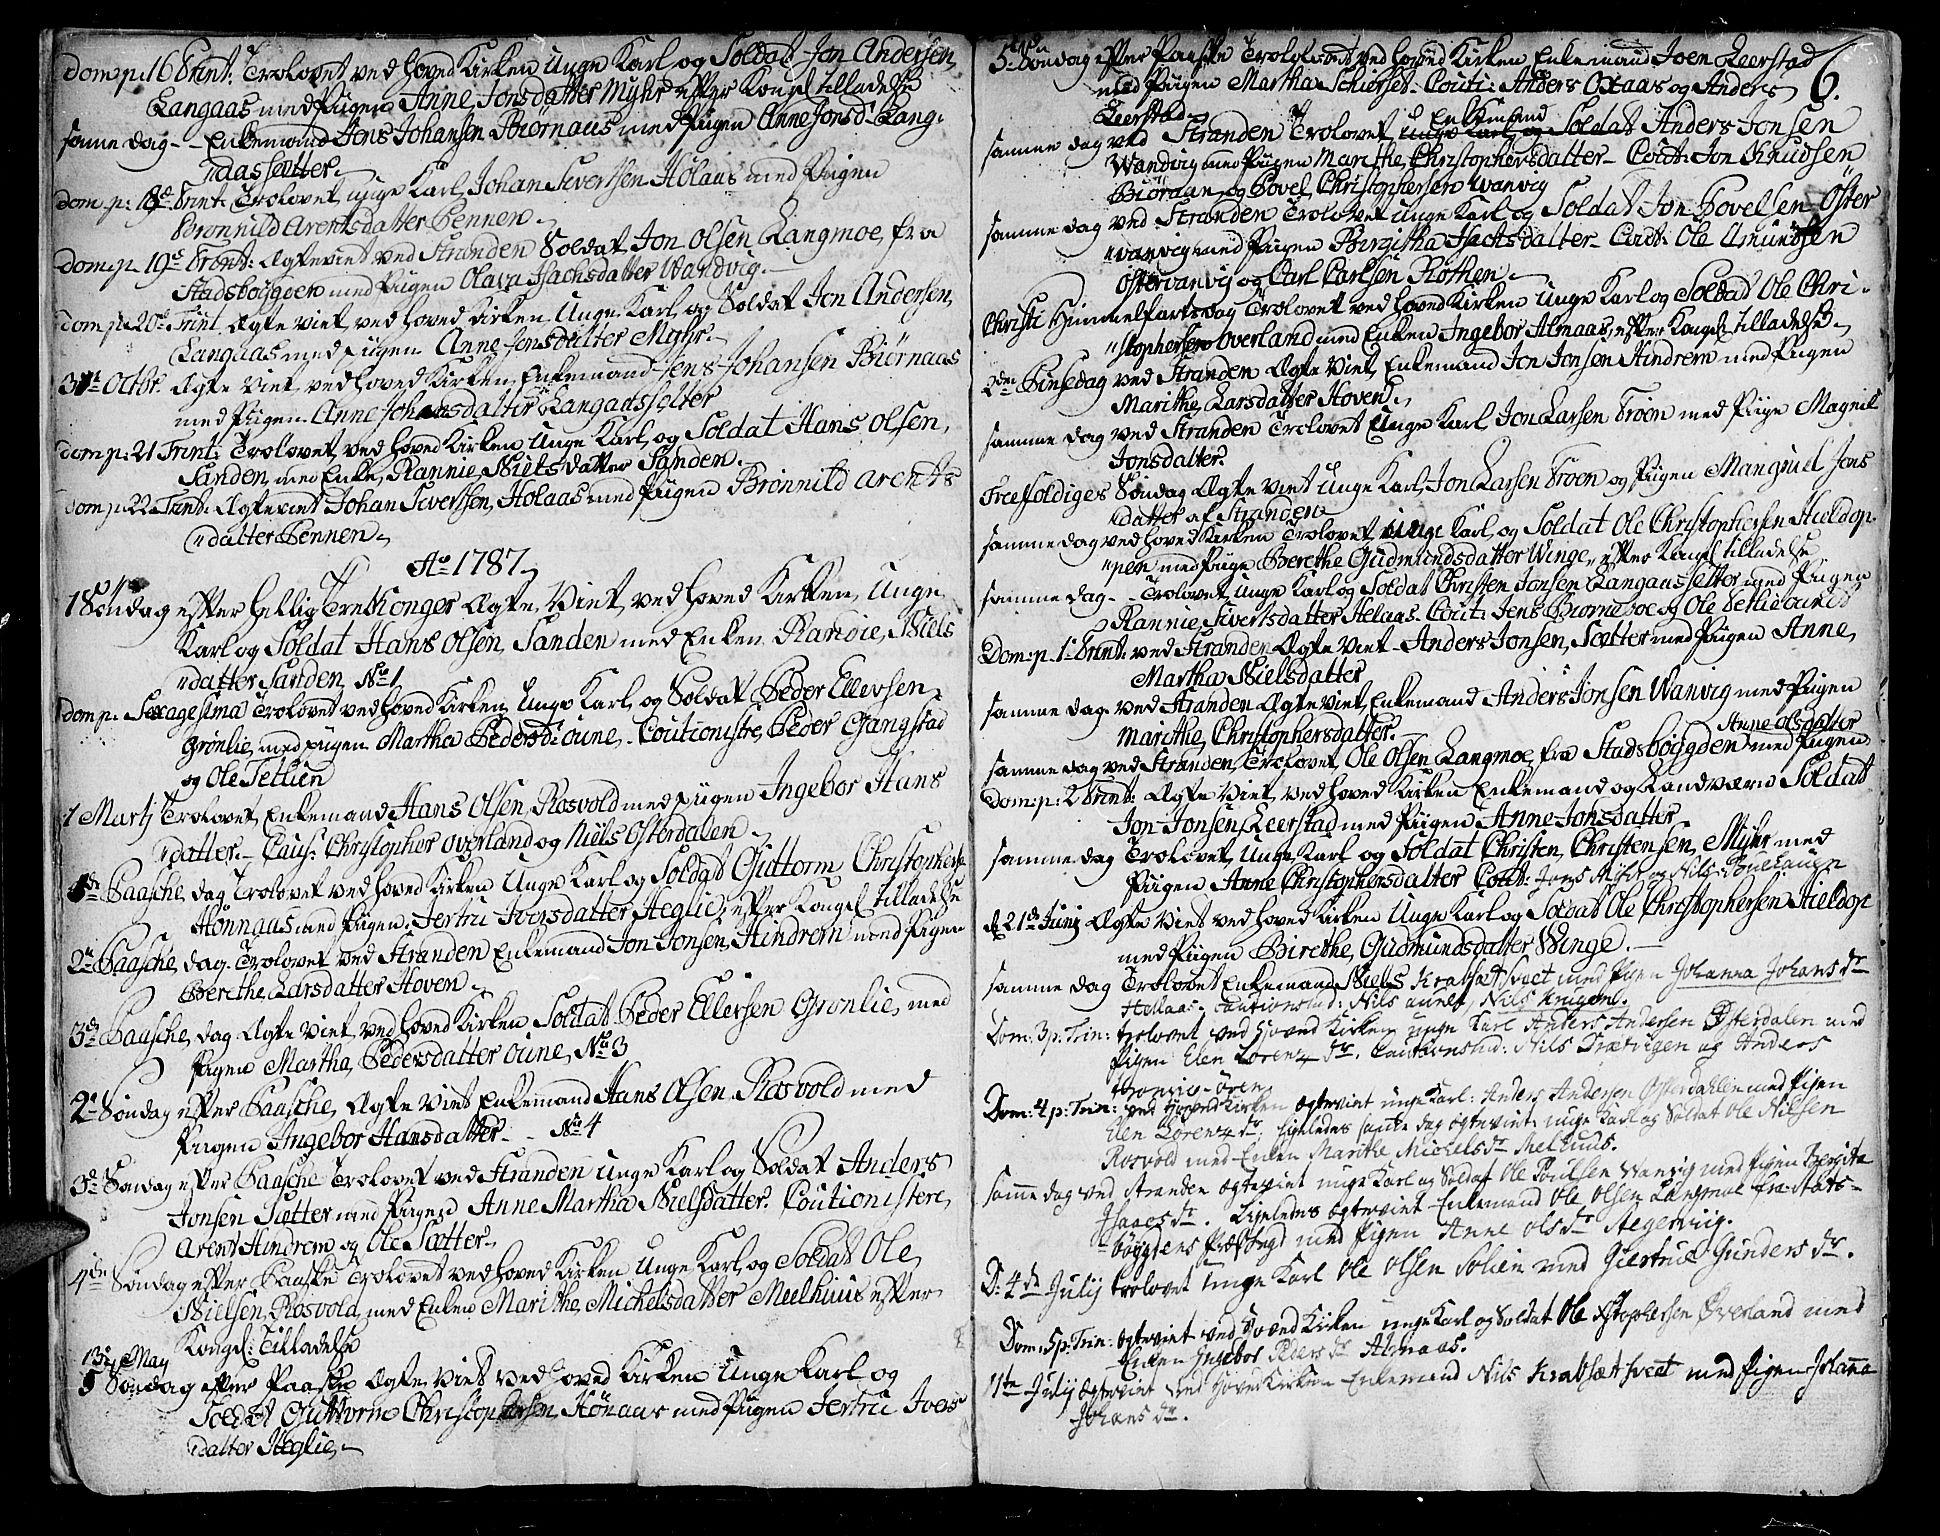 SAT, Ministerialprotokoller, klokkerbøker og fødselsregistre - Nord-Trøndelag, 701/L0004: Ministerialbok nr. 701A04, 1783-1816, s. 6